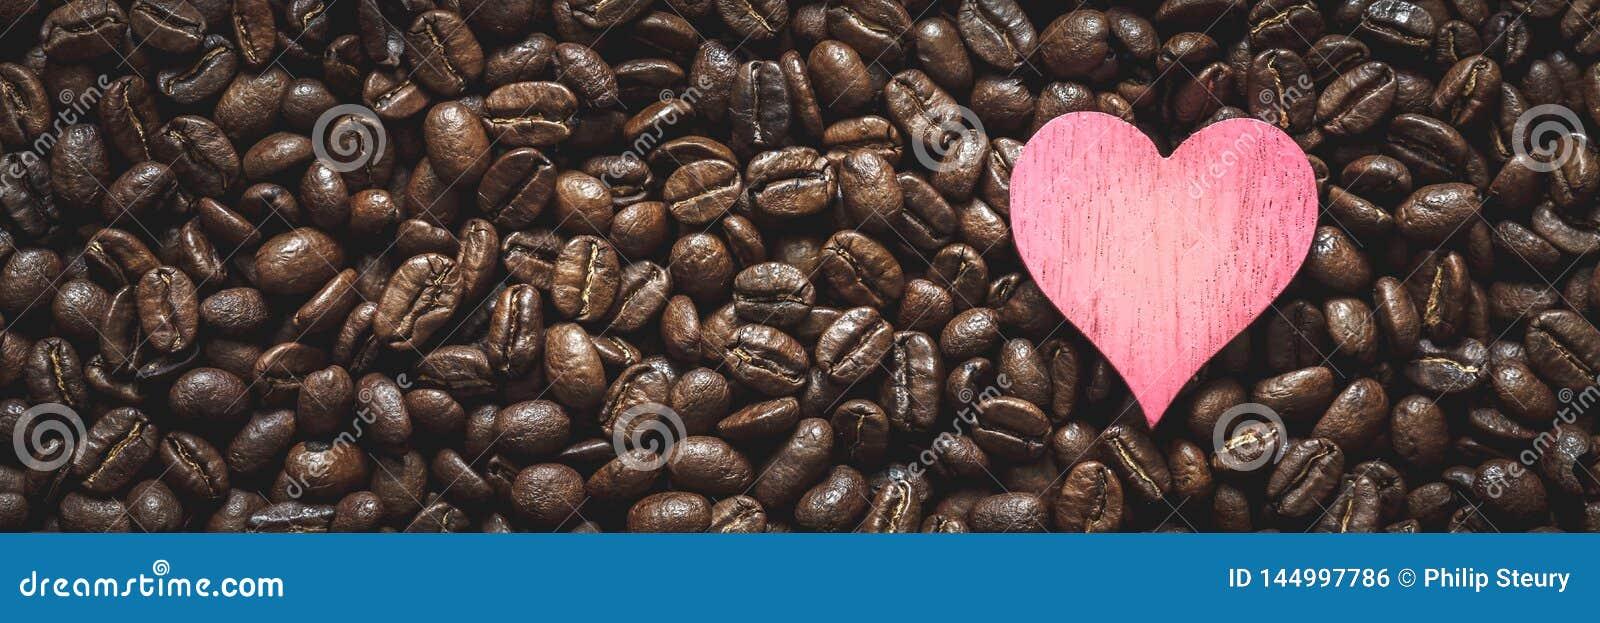 Caf? Bean Heart